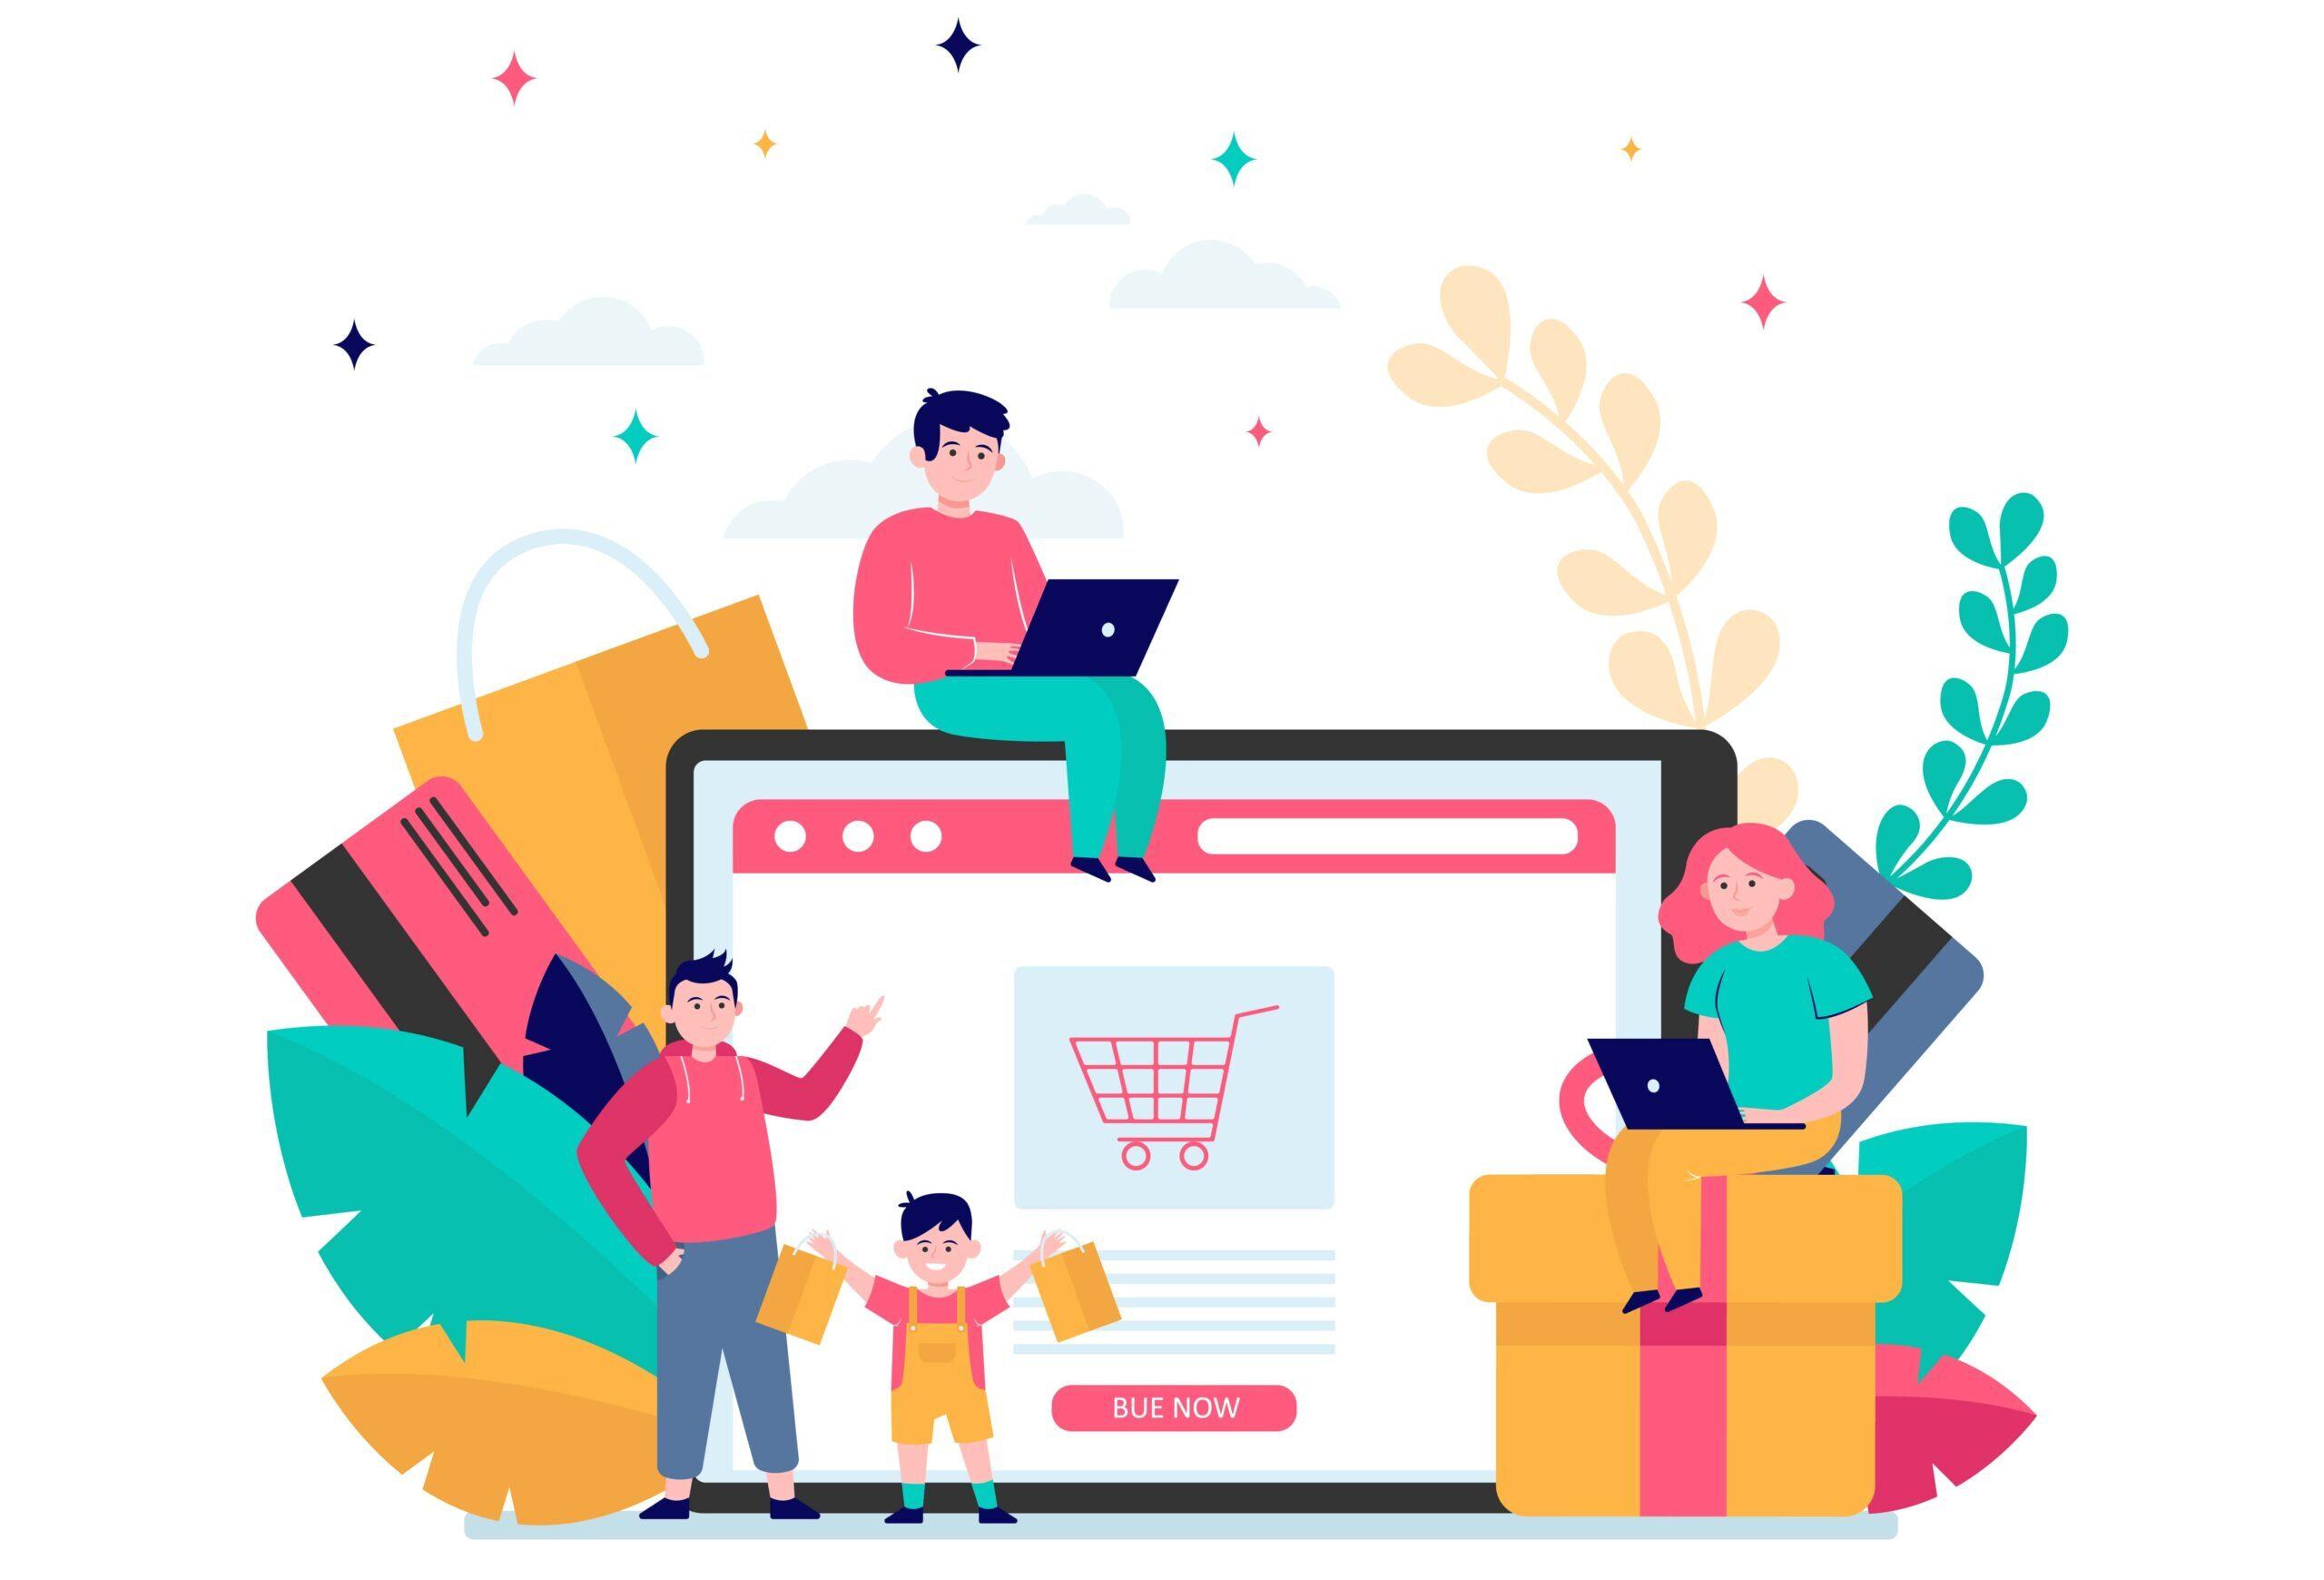 15 قابلیت بسیارمهم برای افزایش فروش فروشگاههای اینترنتی